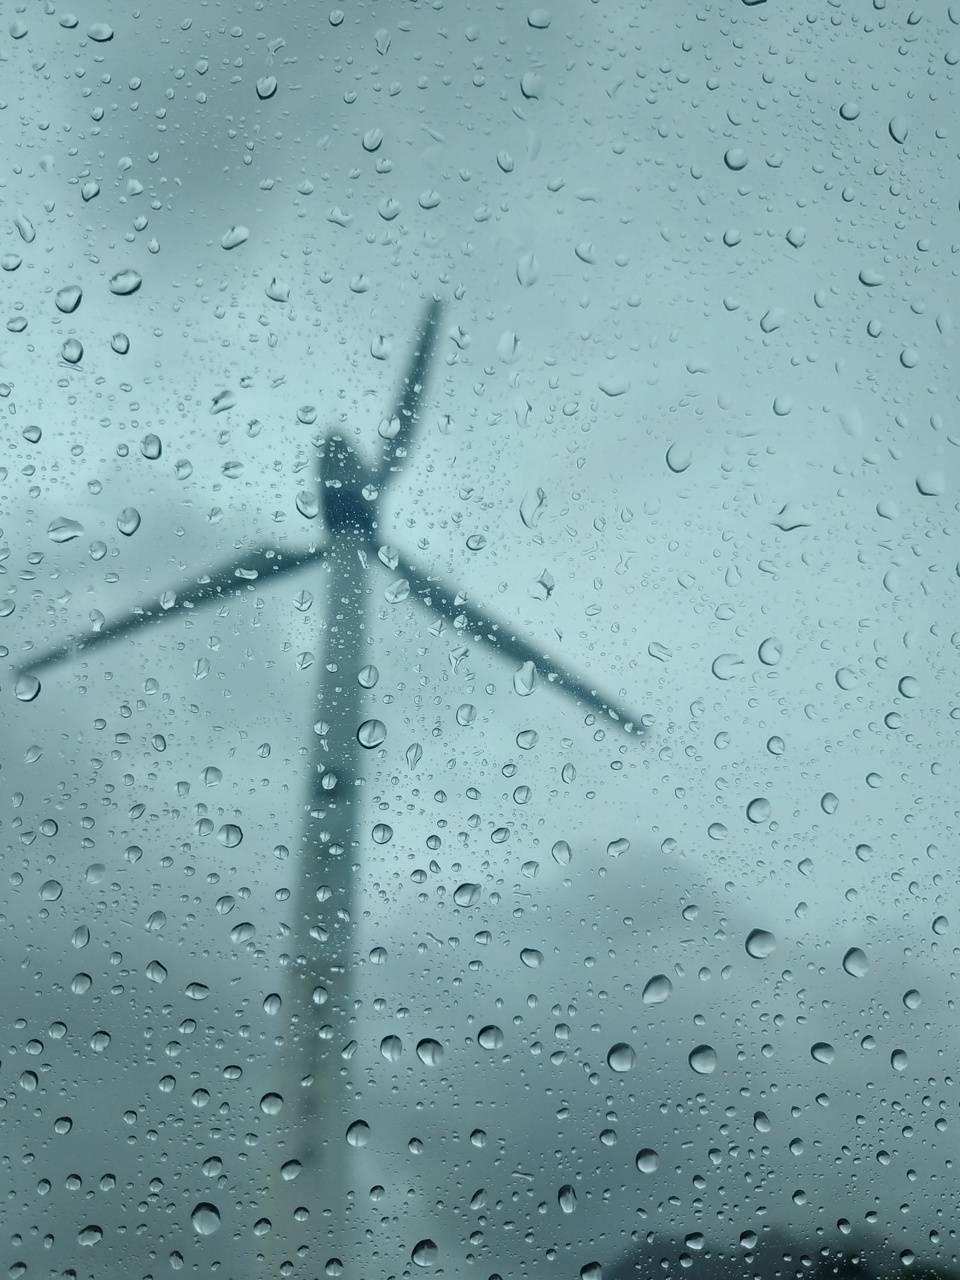 Windmill on droplets